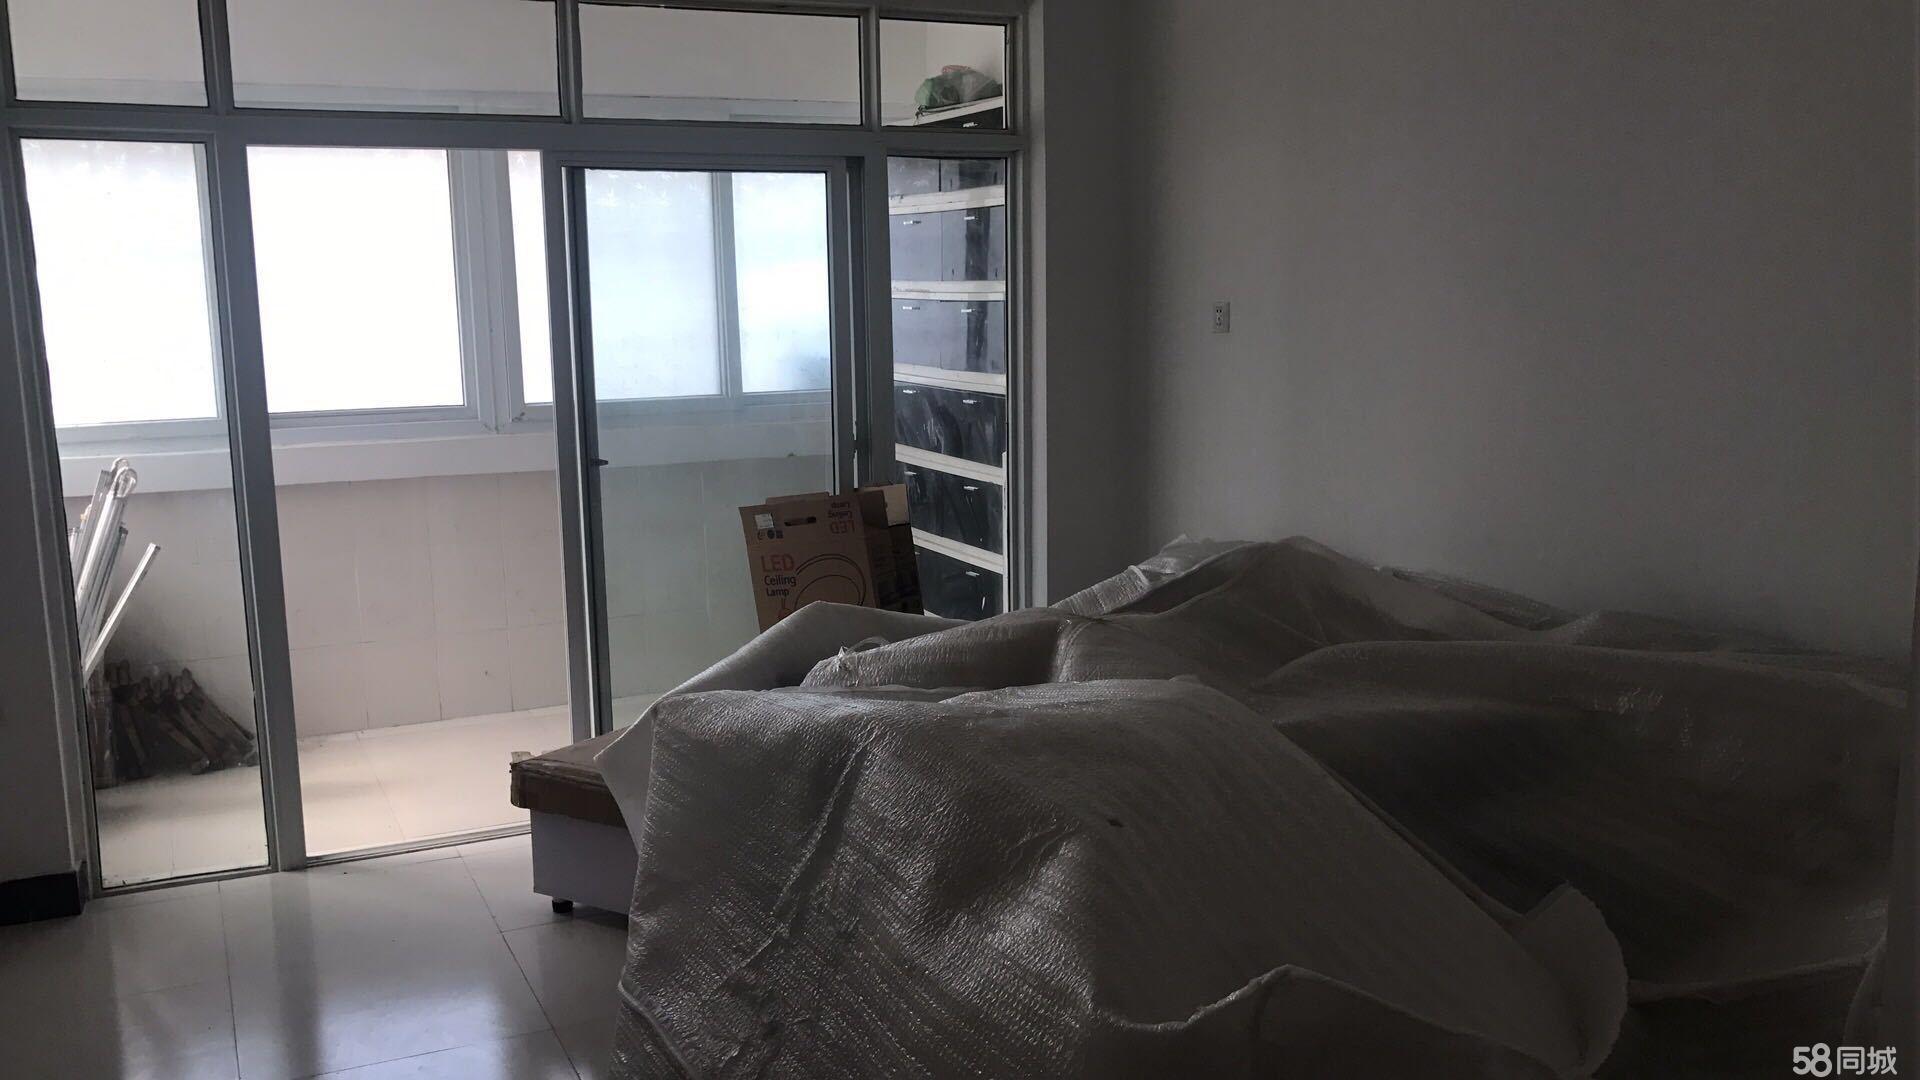 川汇希望小区2室1厅1卫70平米